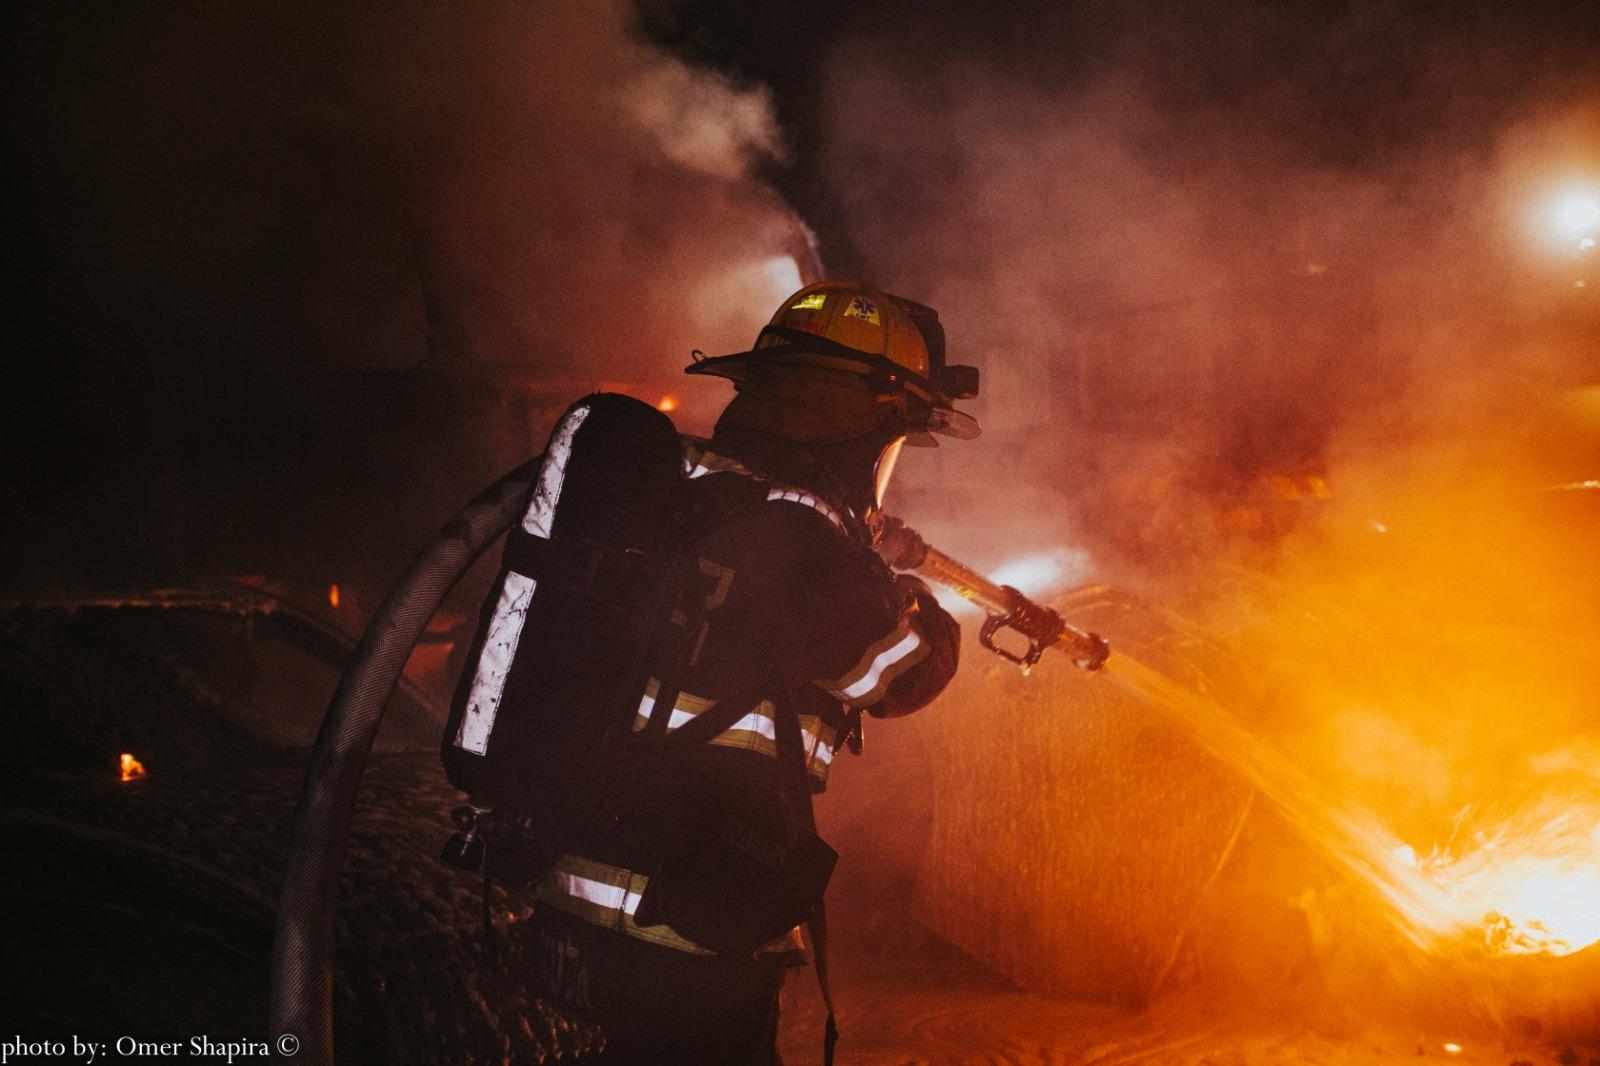 Photo of 3 רכבים פרטיים ומשאית עלו באש הלילה במגרש מכוניות ברחוב יגע כפיים בפתח תקווה. נסיבות האירוע נבדקות